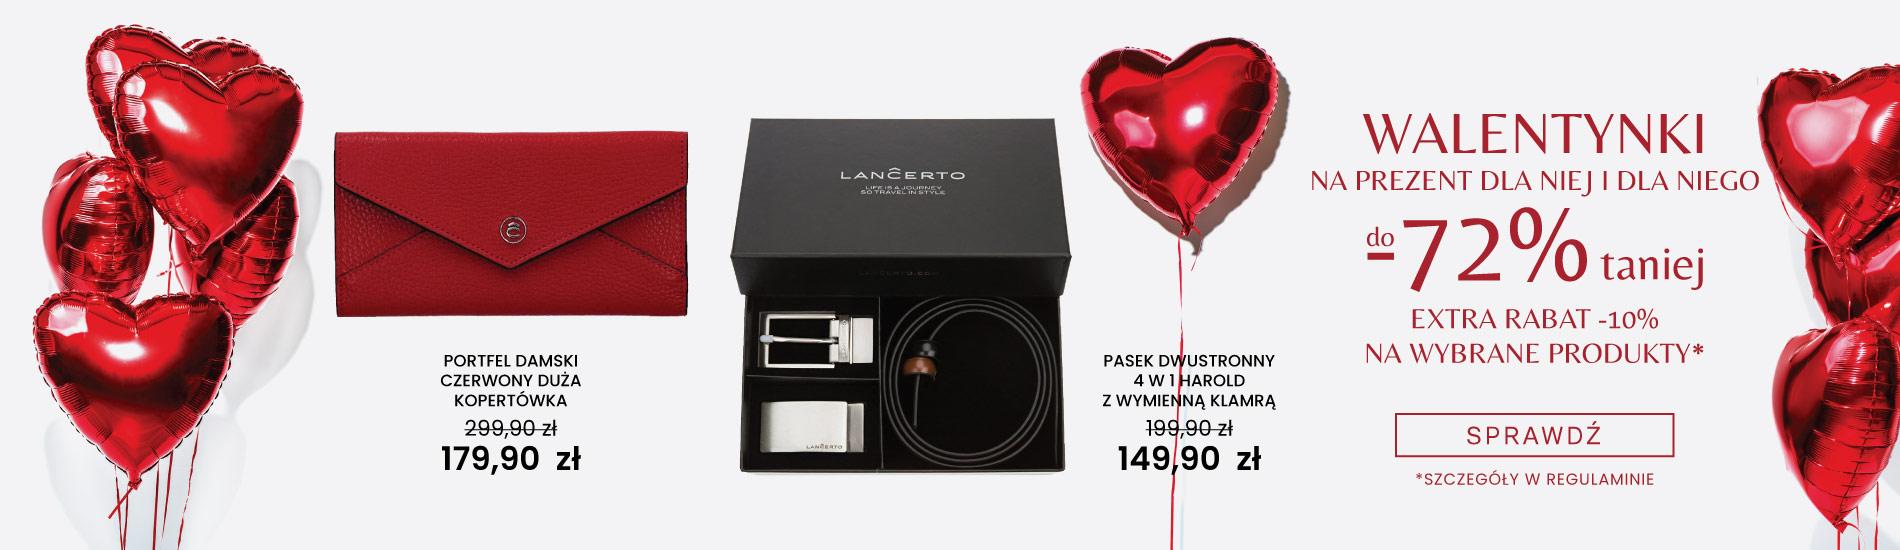 Lancerto: do 72% rabatu na Walentynkowe prezenty dla niej i dla niego